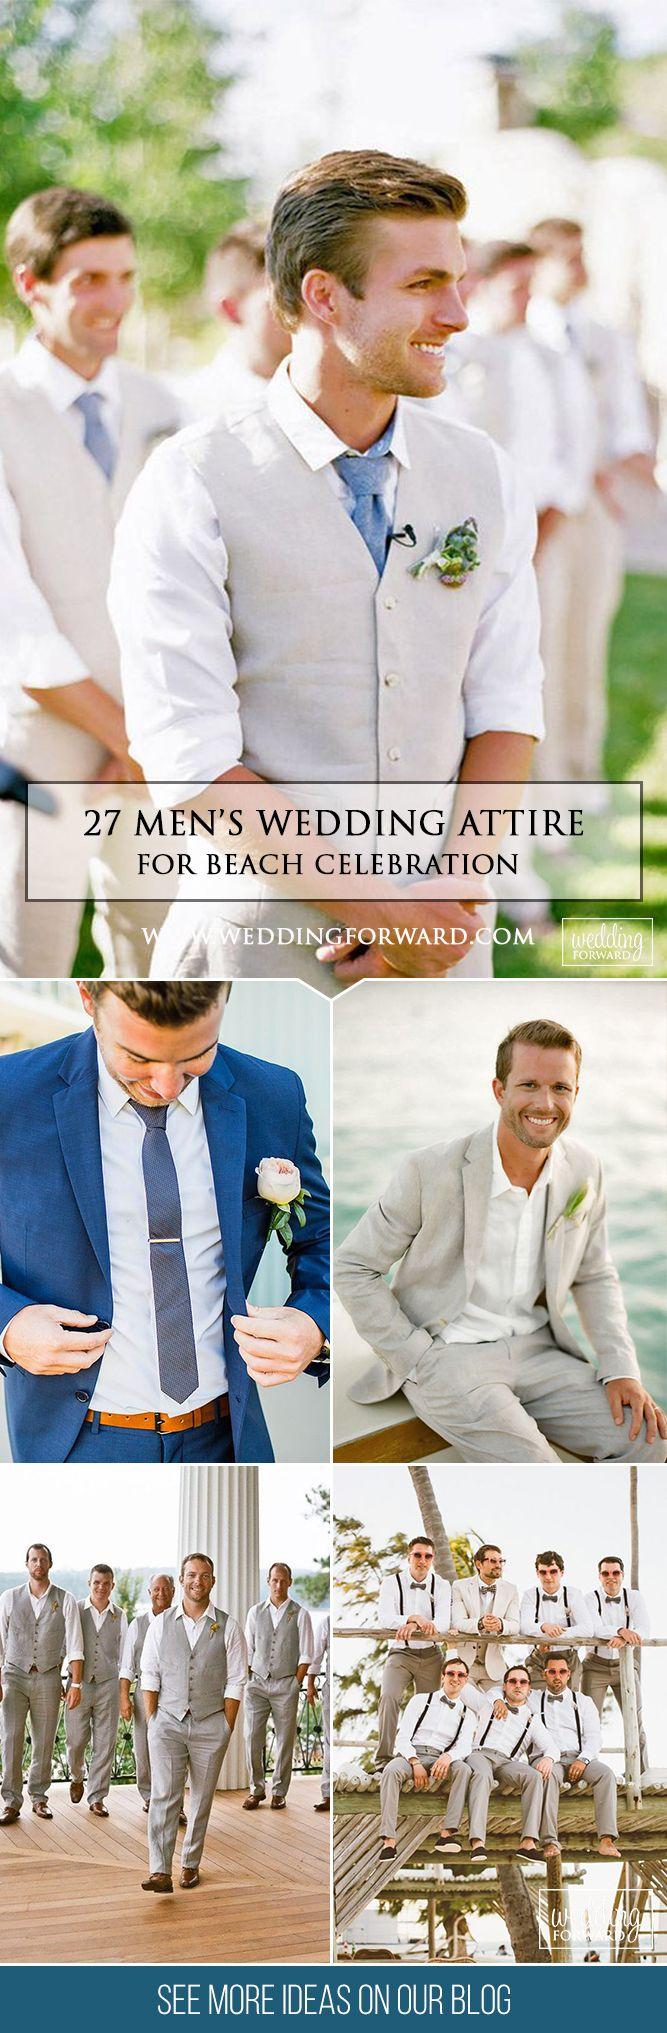 27 Men's Wedding Attire For Beach Celebration ❤ You have decided to do a beach wedding ceremony? Looking for men's wedding attire to be appropriate? See more: http://www.weddingforward.com/mens-wedding-attire/ #weddings #groom